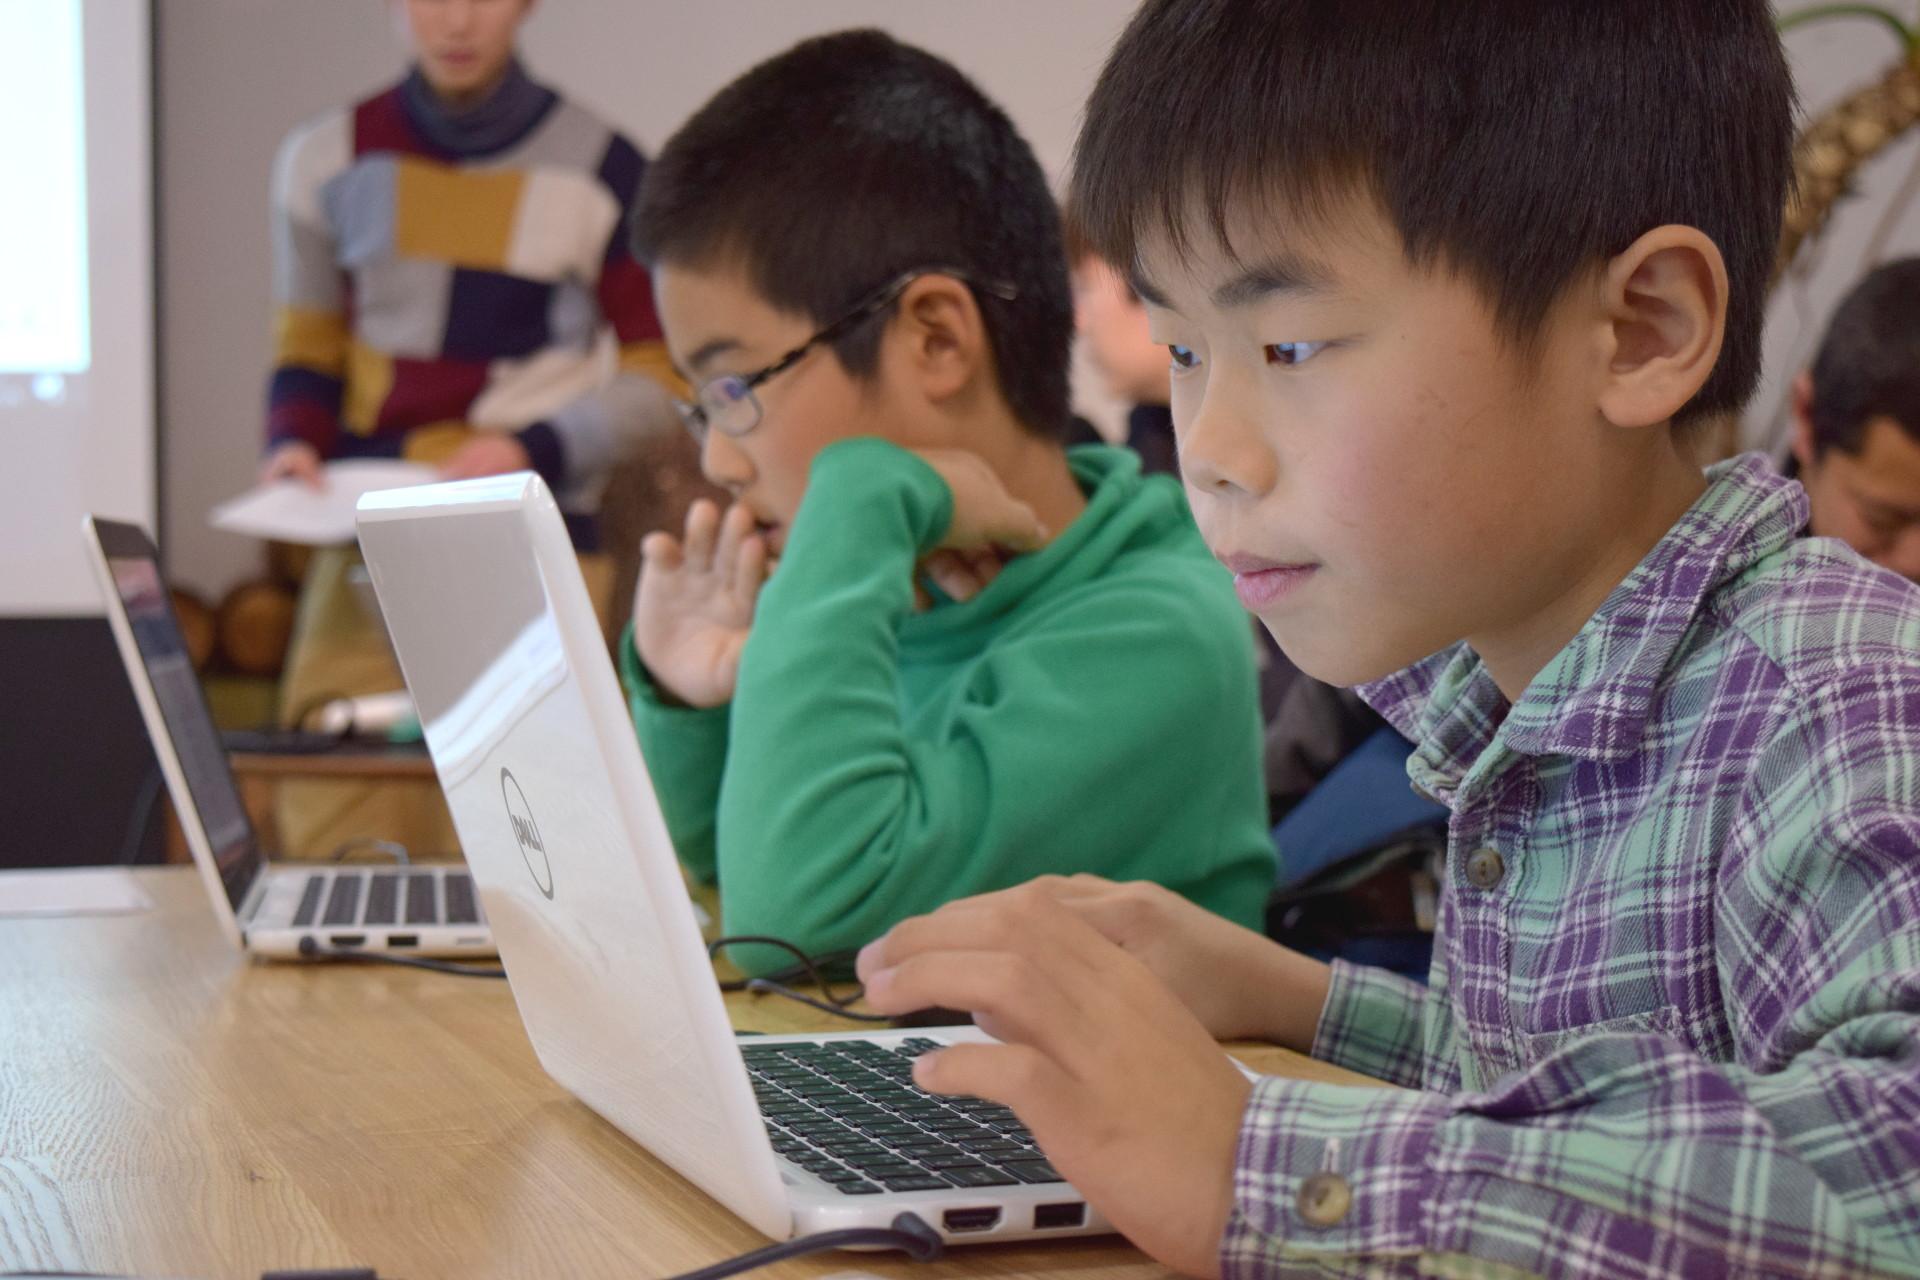 集中してプログラミングを体験する子ども達